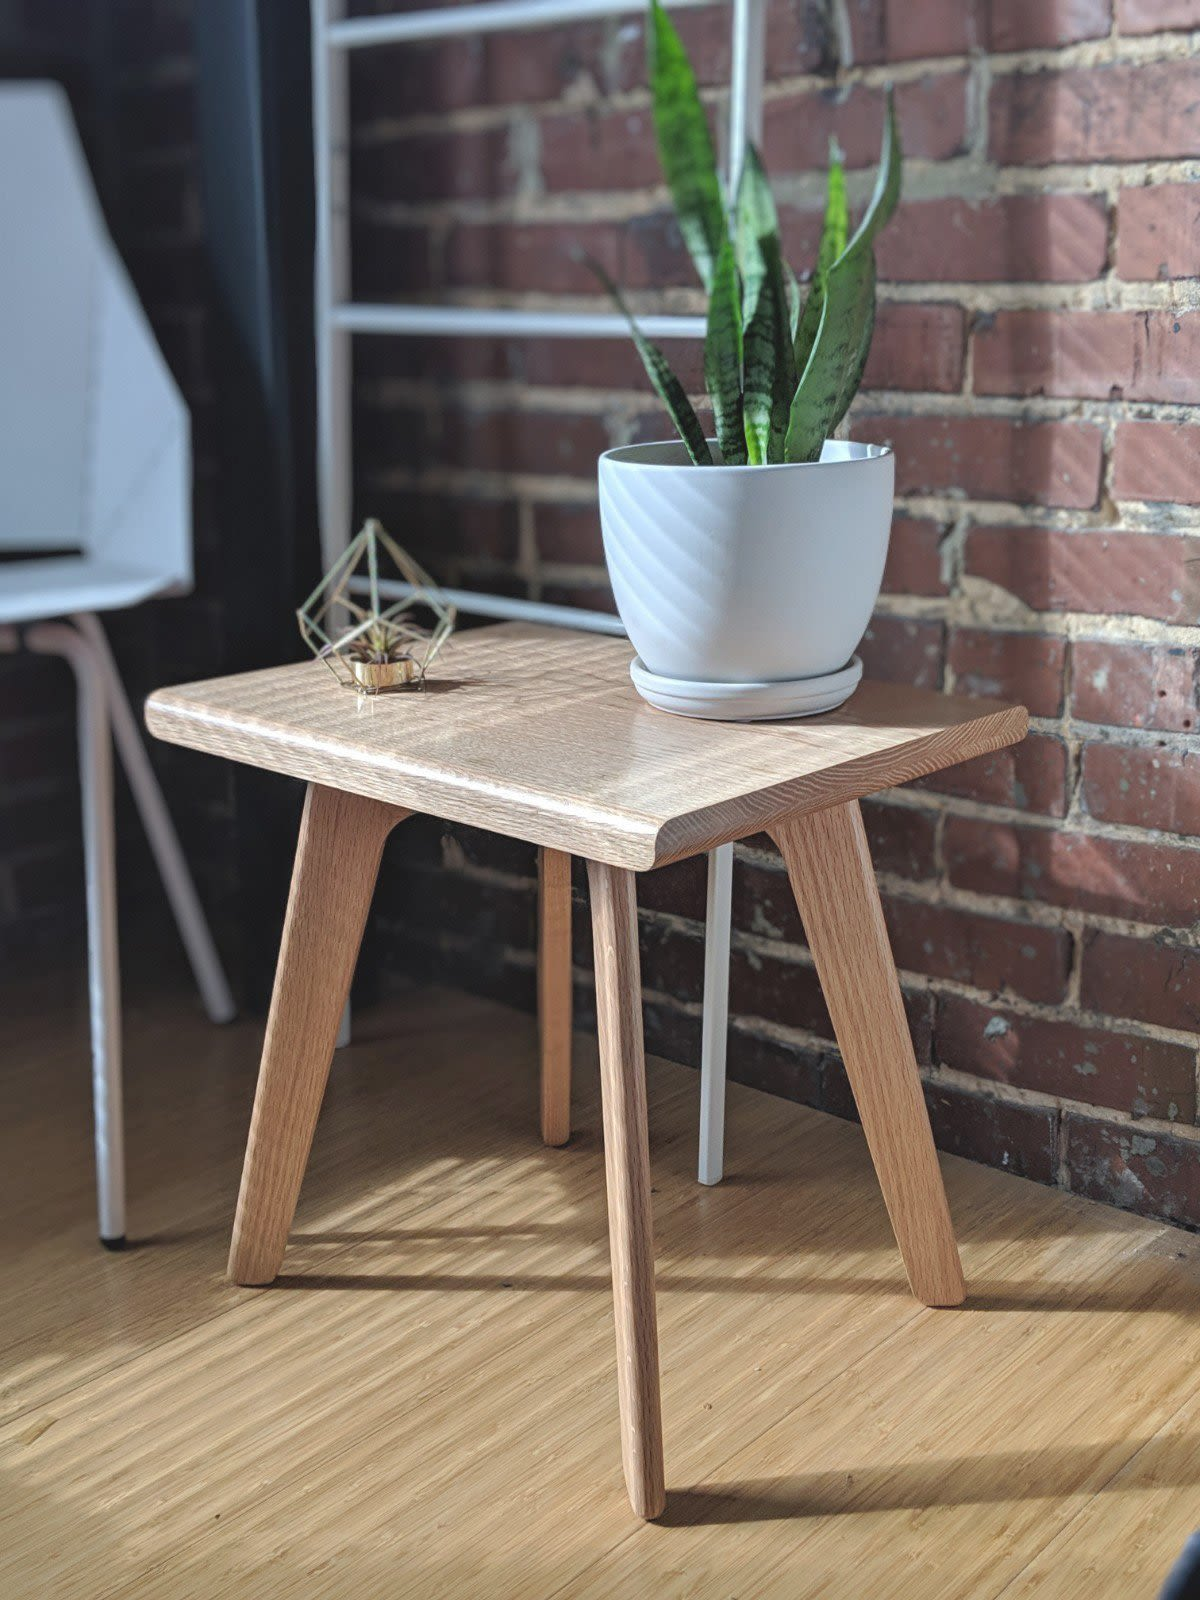 Light wood side table